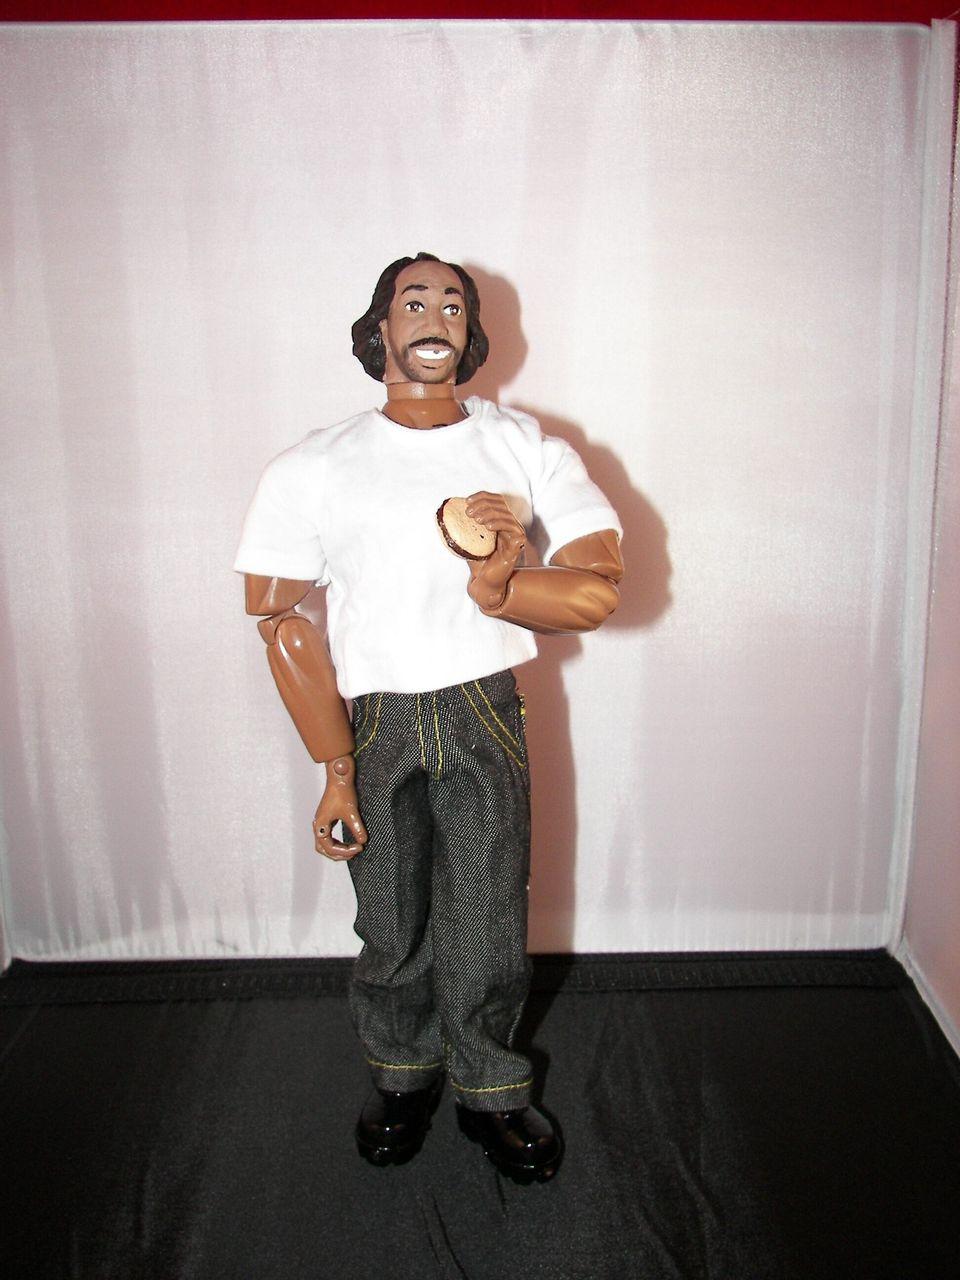 """<a href=""""http://www.herobuilders.com/"""" target=""""_blank"""">Herobuilders</a> designed this Charles Ramsey doll."""